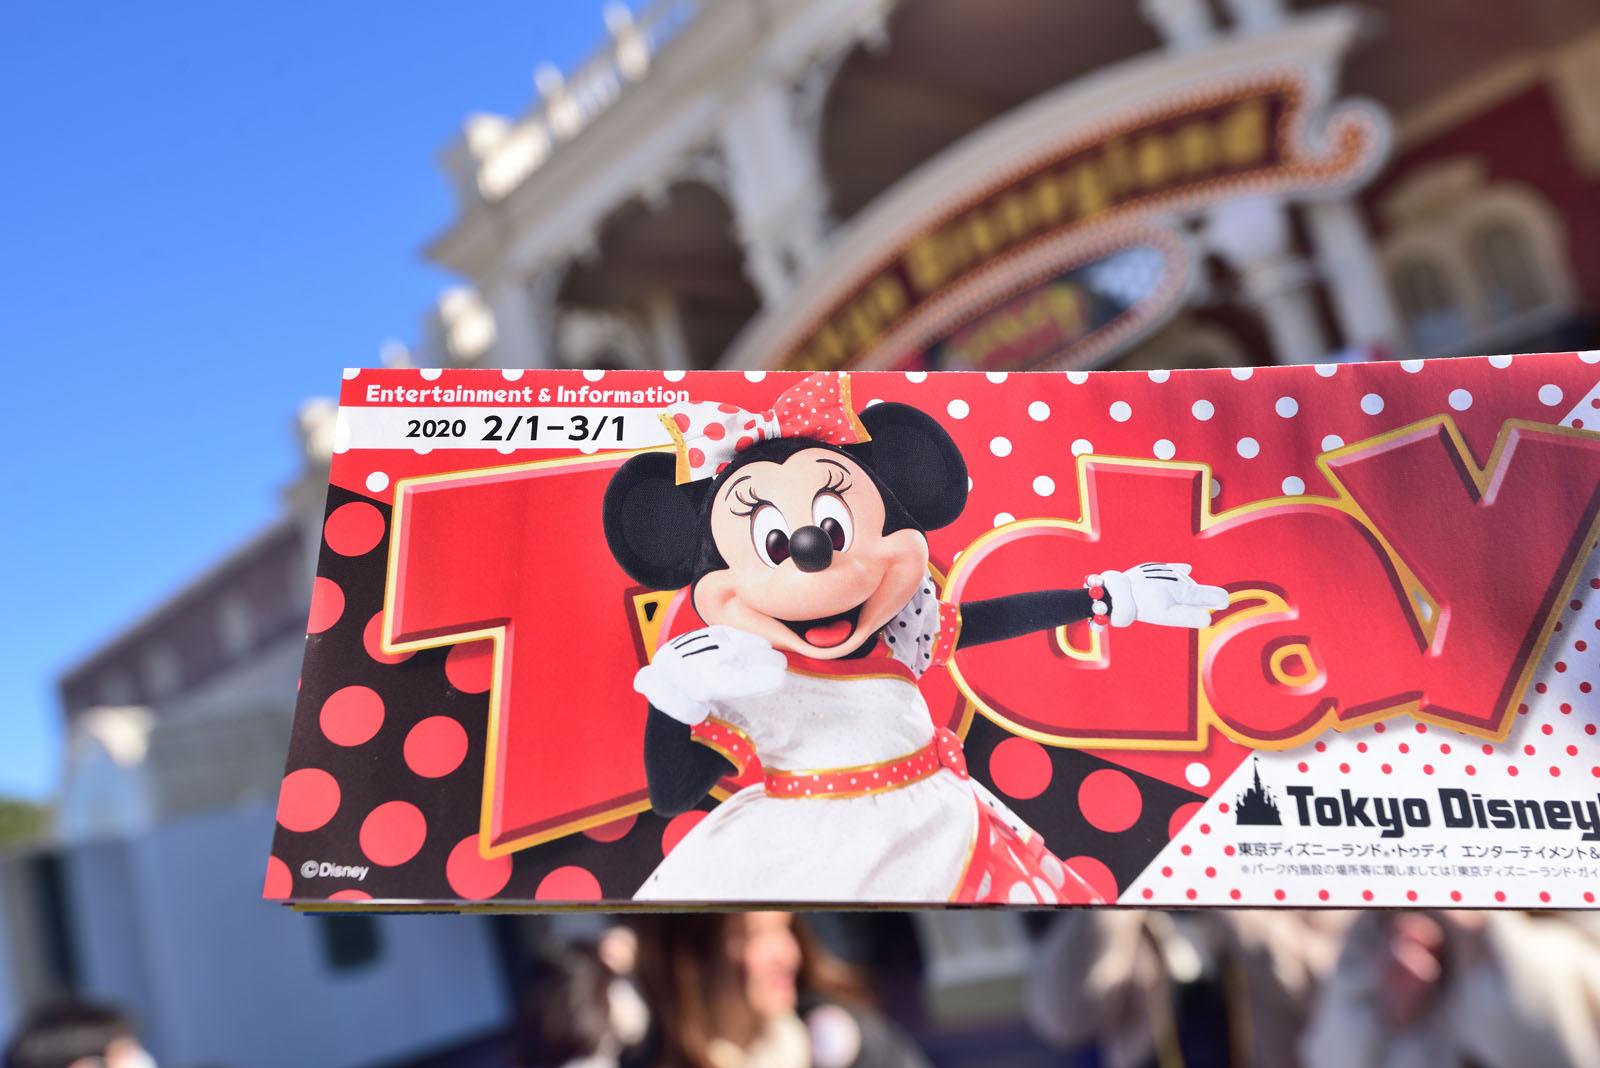 東京ディズニーランド Today 2020年2月1日~3月1日 ミニー